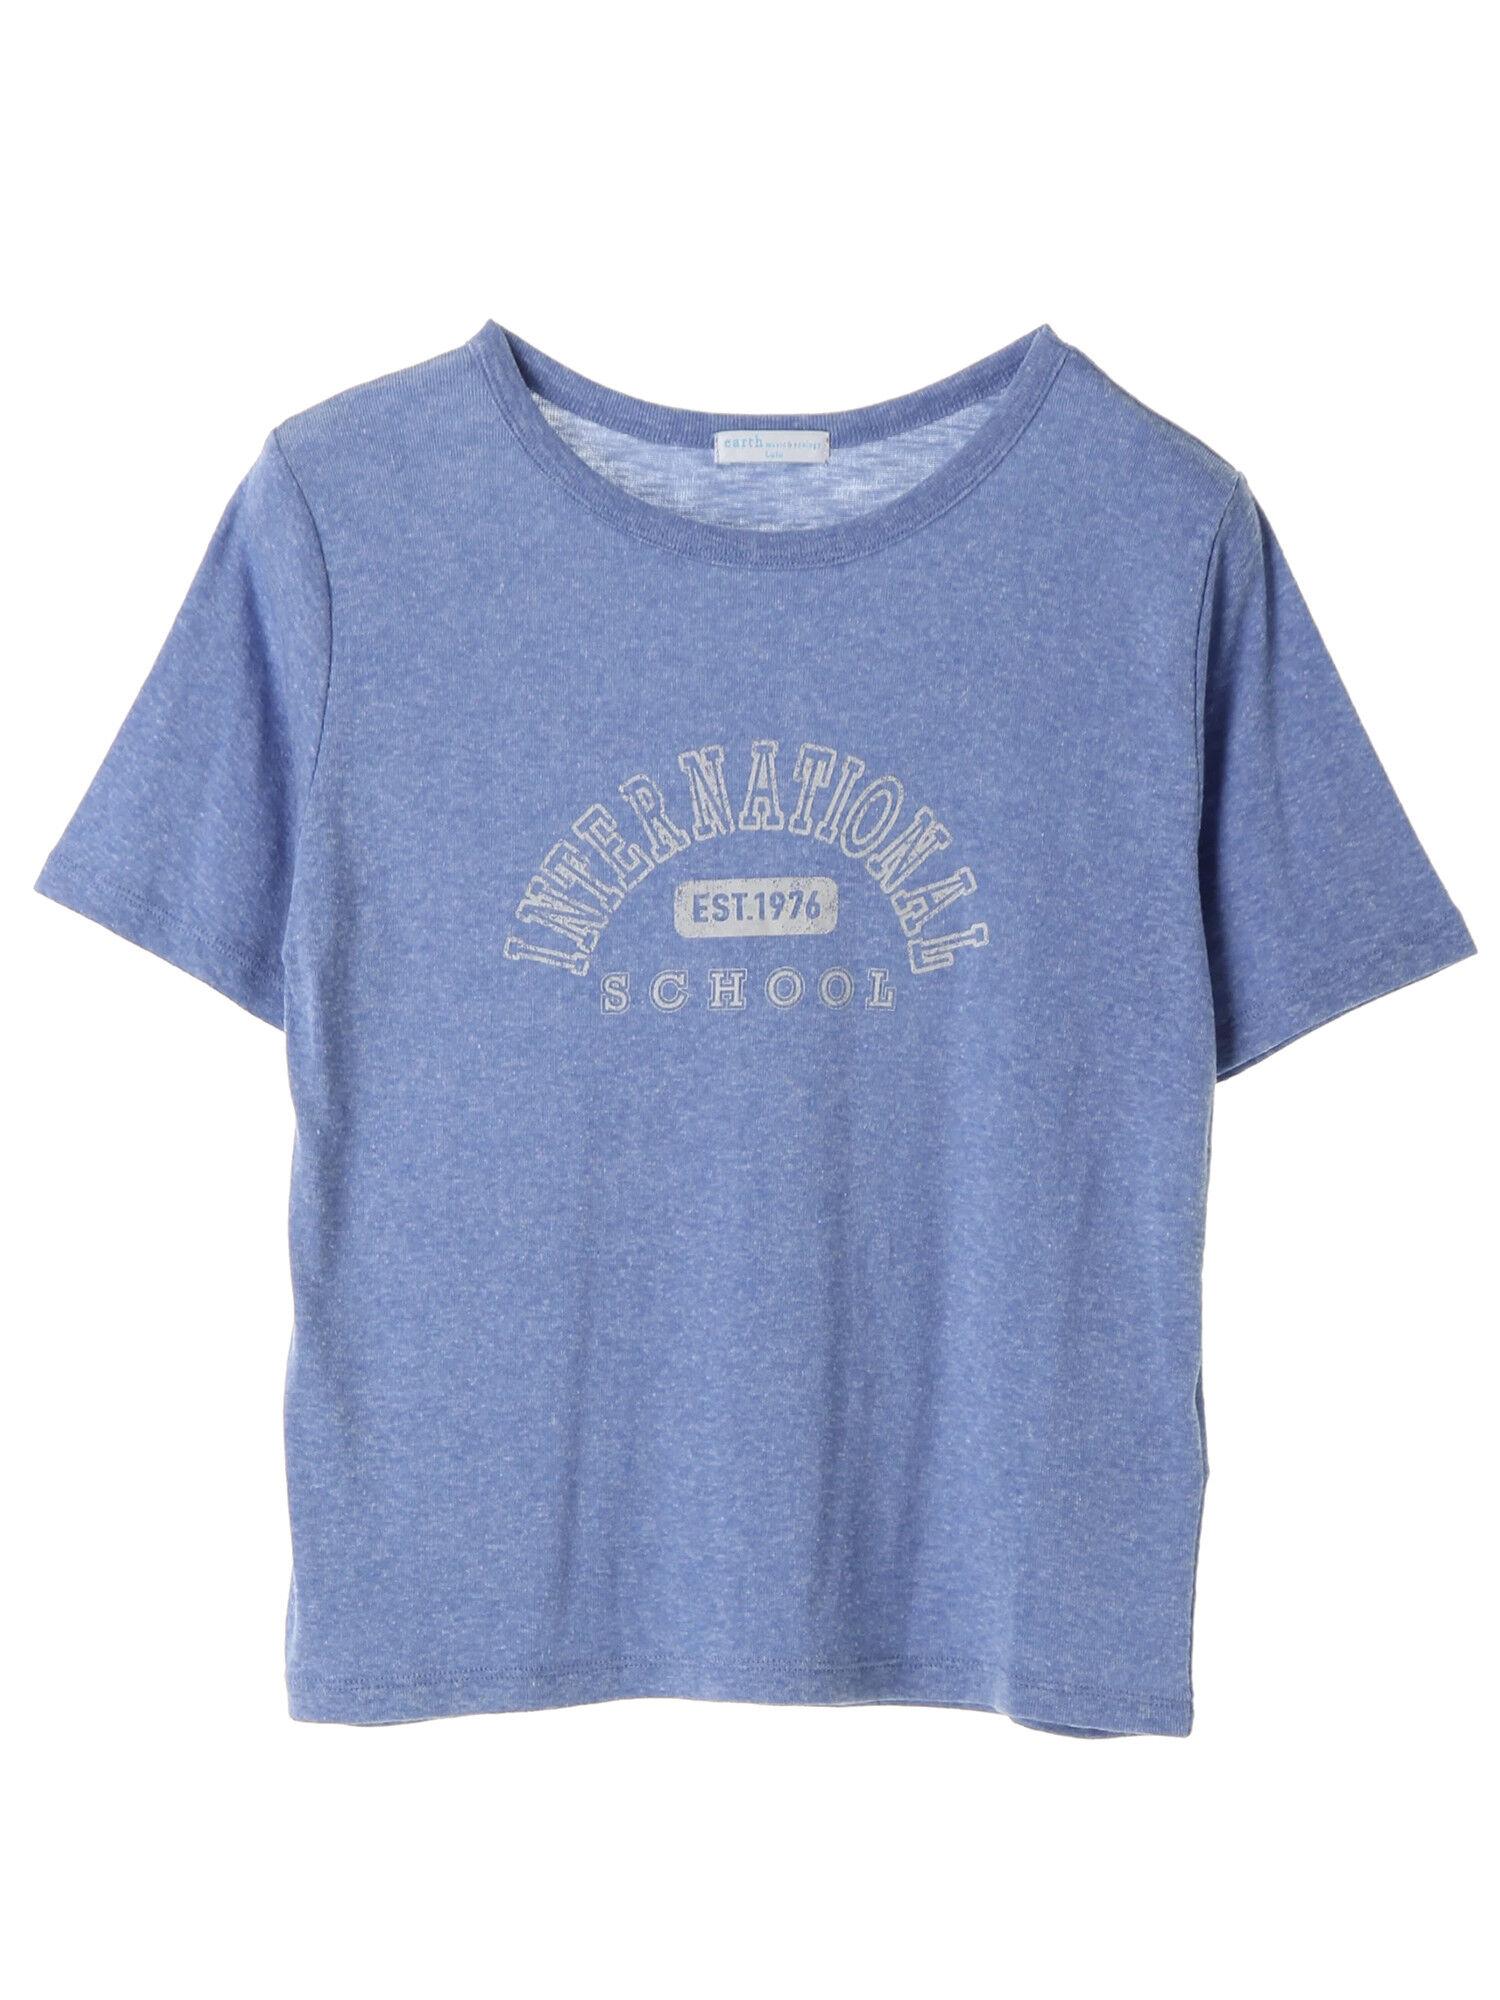 ・luluKTロゴプリントTシャツ